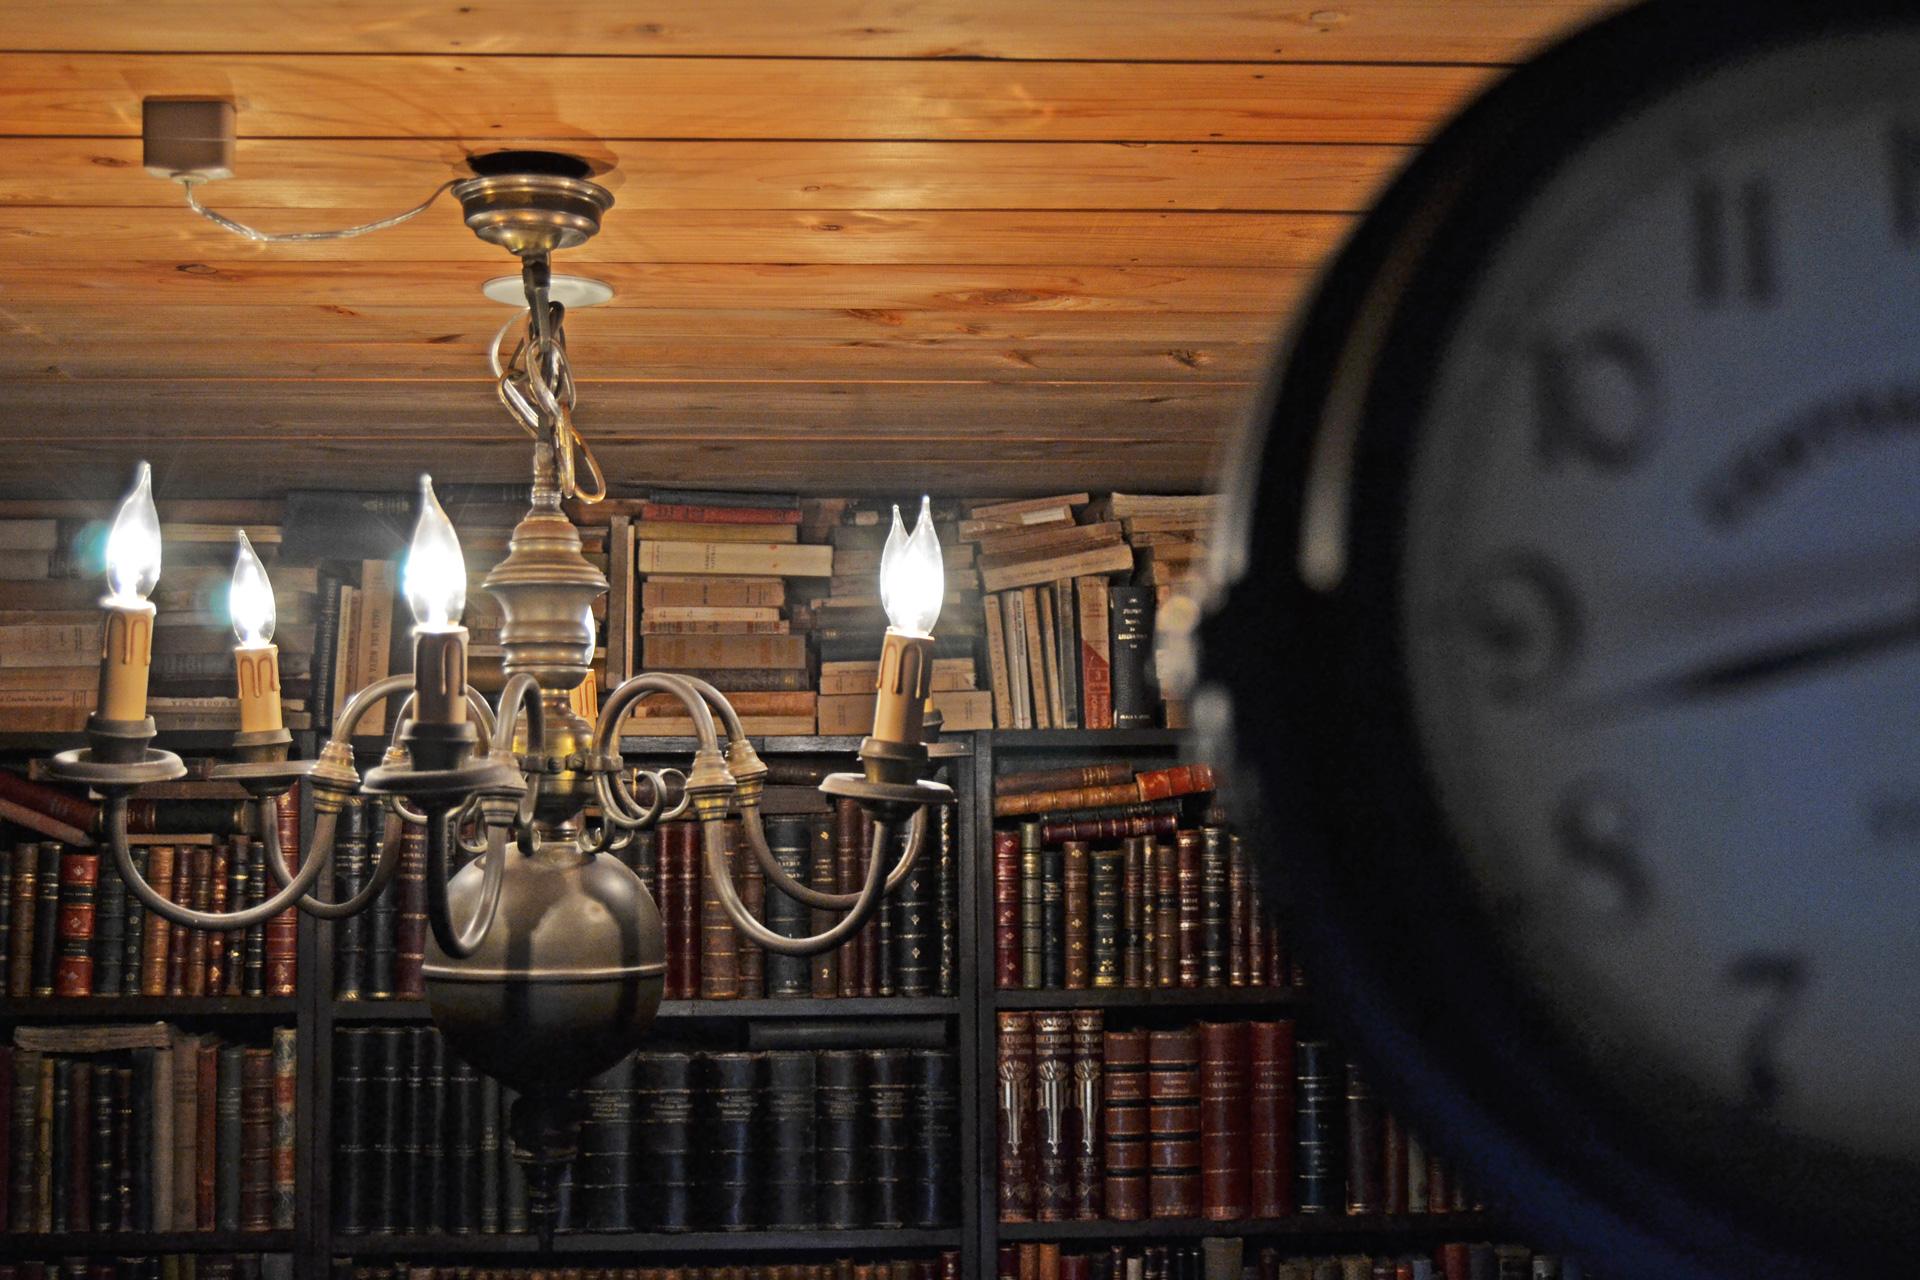 アンティーク洋書のある古書堂スタジオ